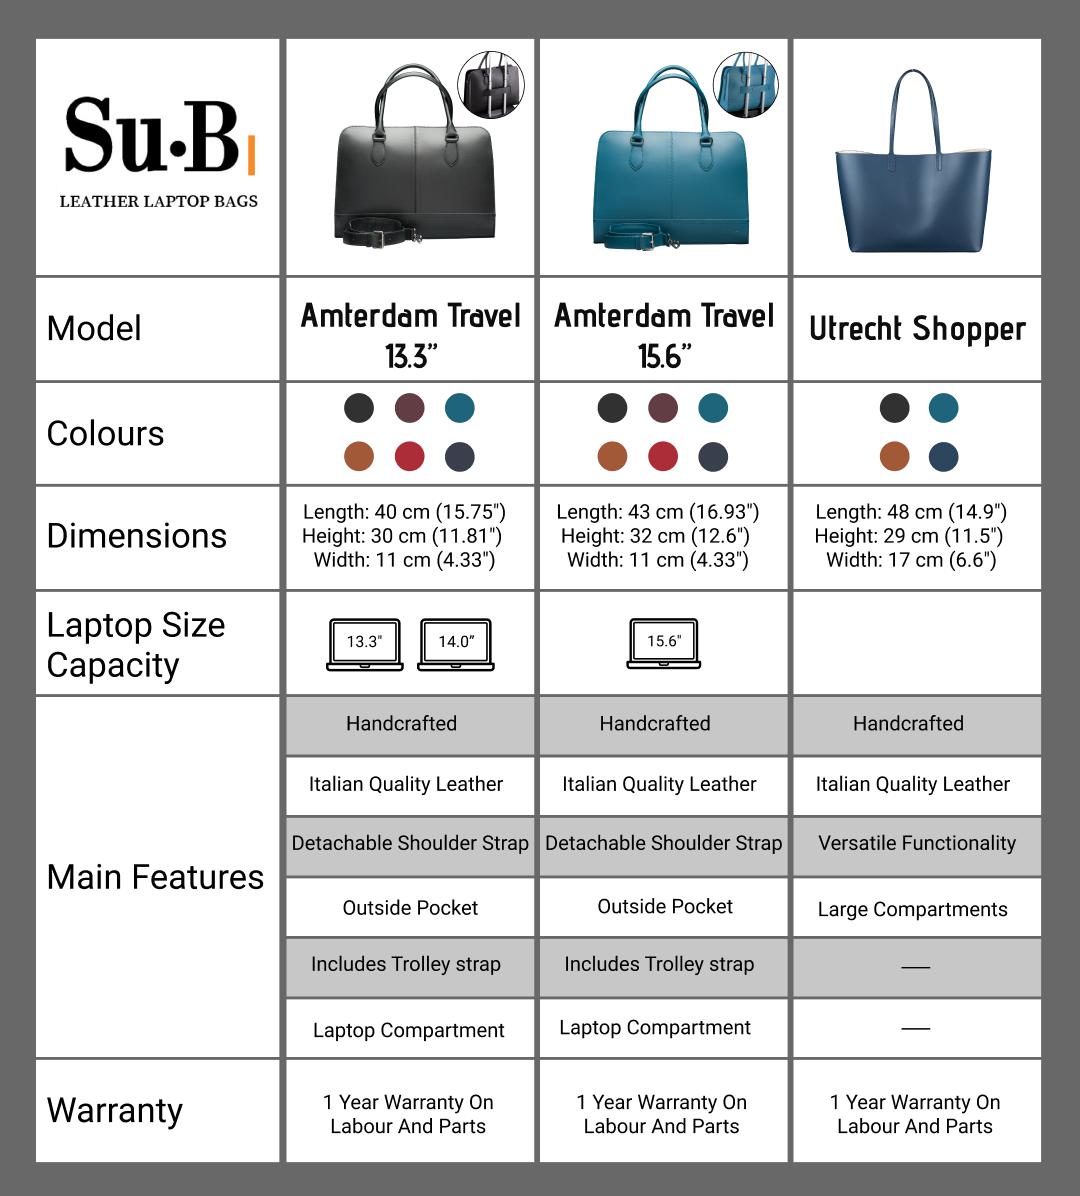 Welke tas uit de Su.B-collectie is jouw favoriet?